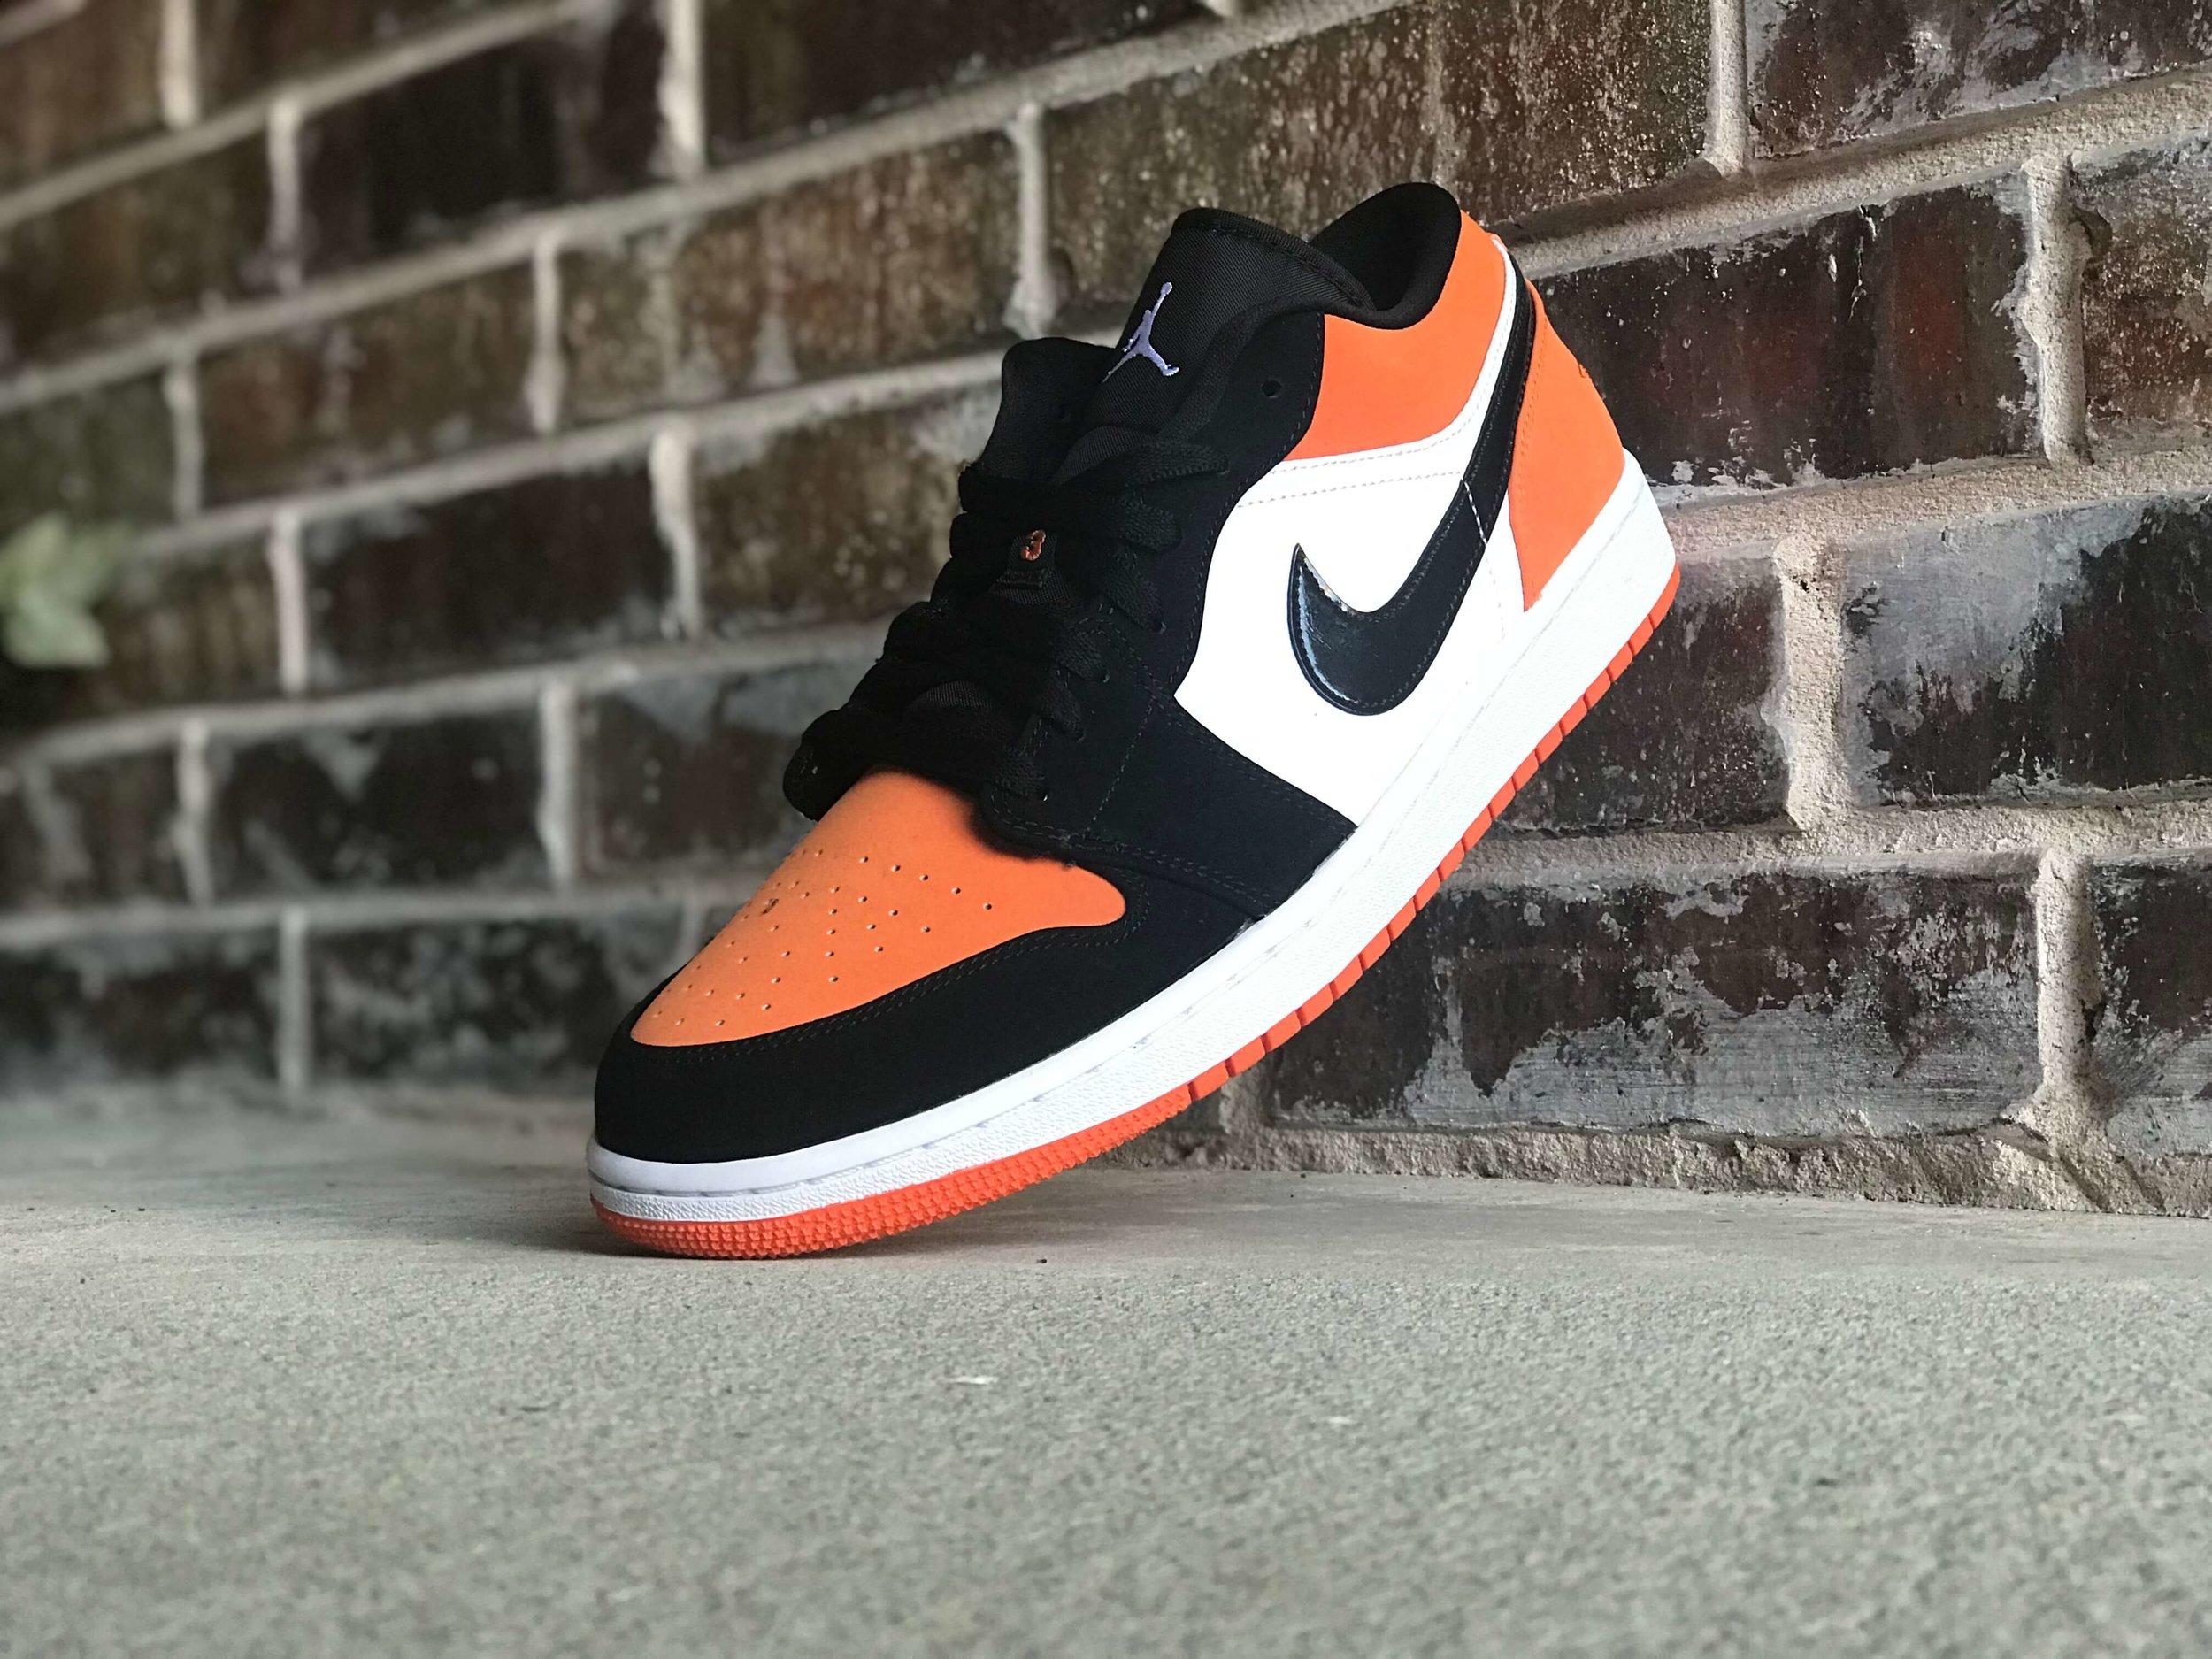 Sneaker Review Air Jordan 1 Retro Low Shattered Backboard